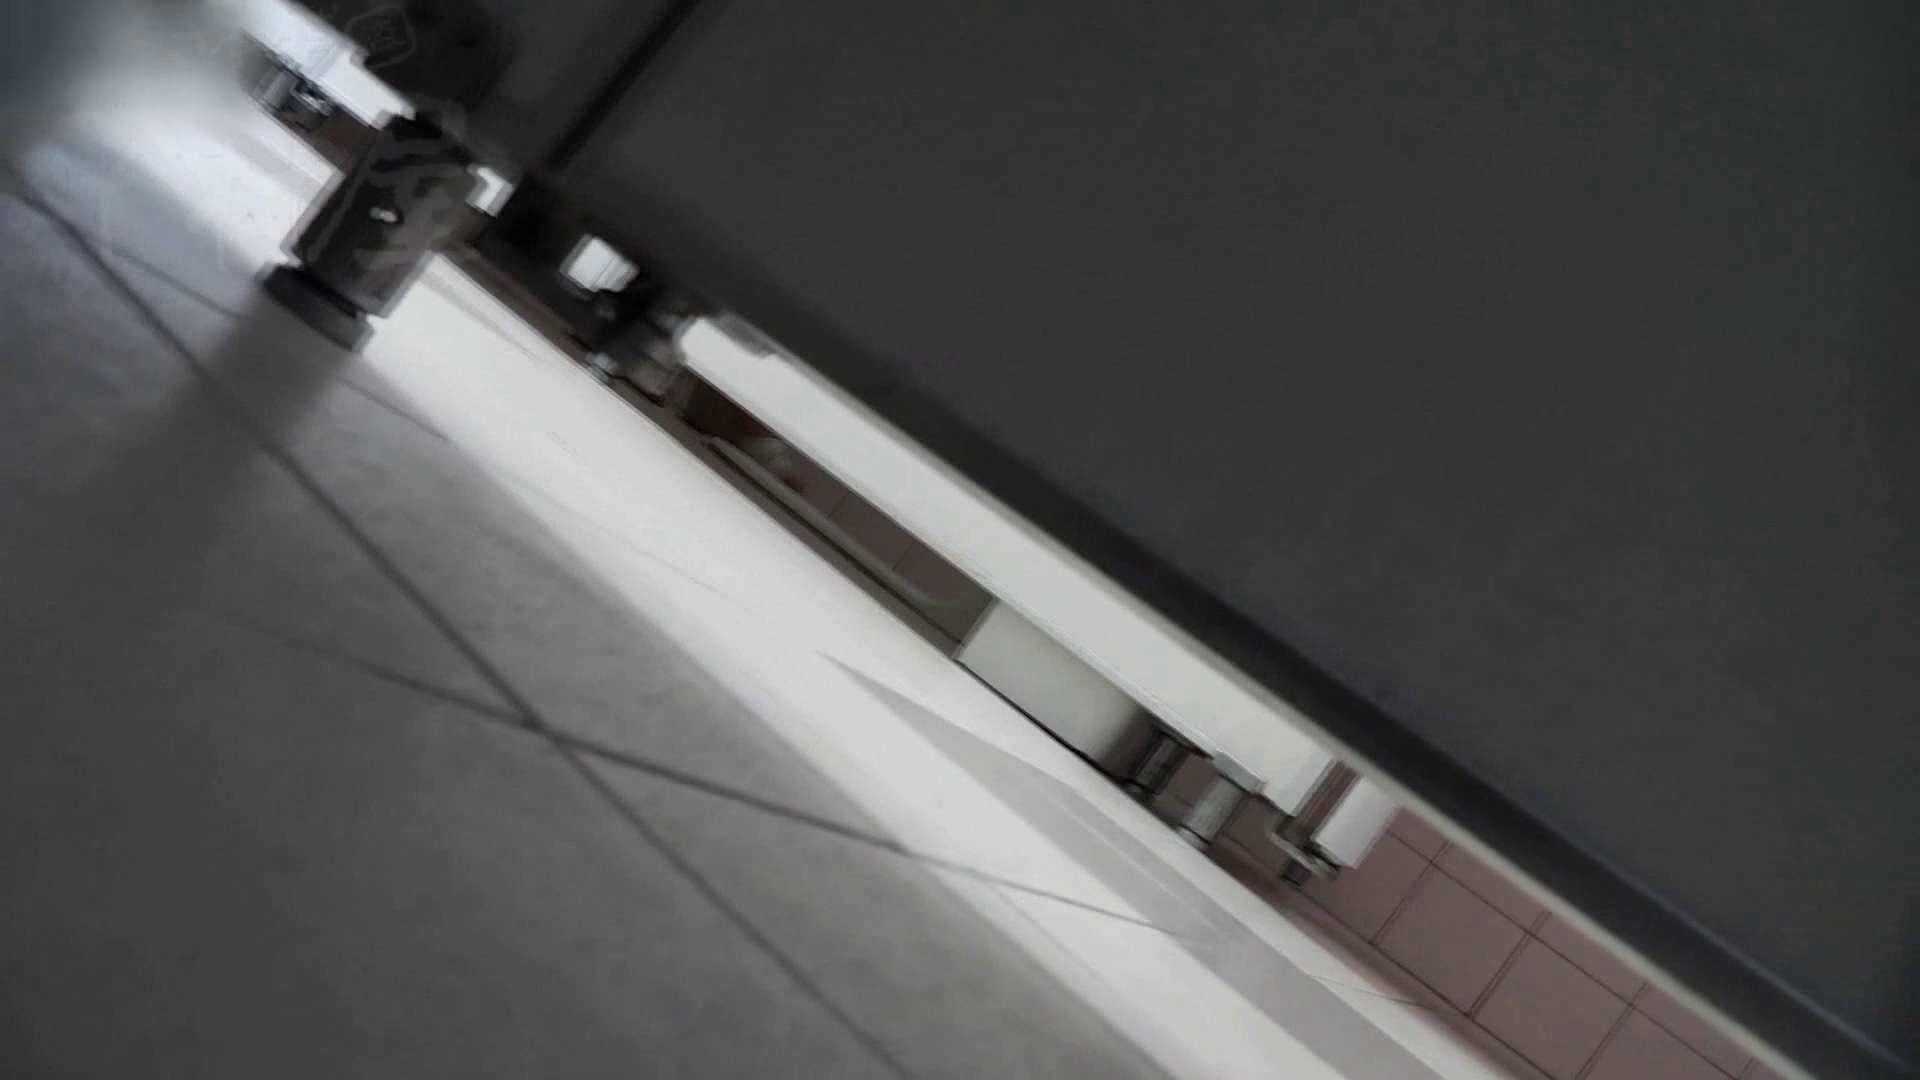 美しい日本の未来 No.08 腕を磨き再発進 放尿 セックス画像 90PICs 39